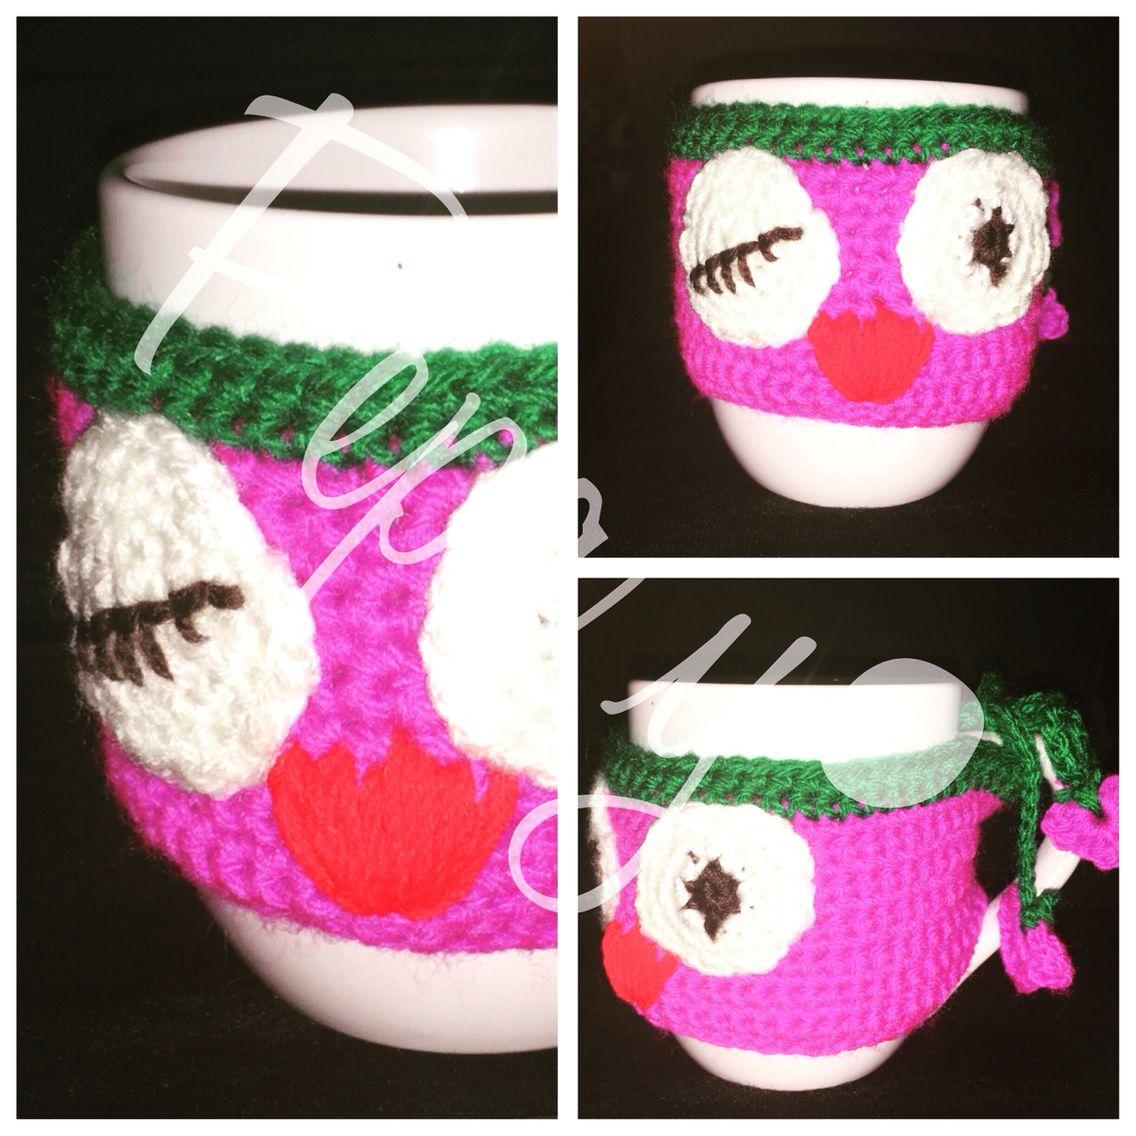 Funda para taza hecha en crochet. Patrón gratis en blog thebluuroom ...